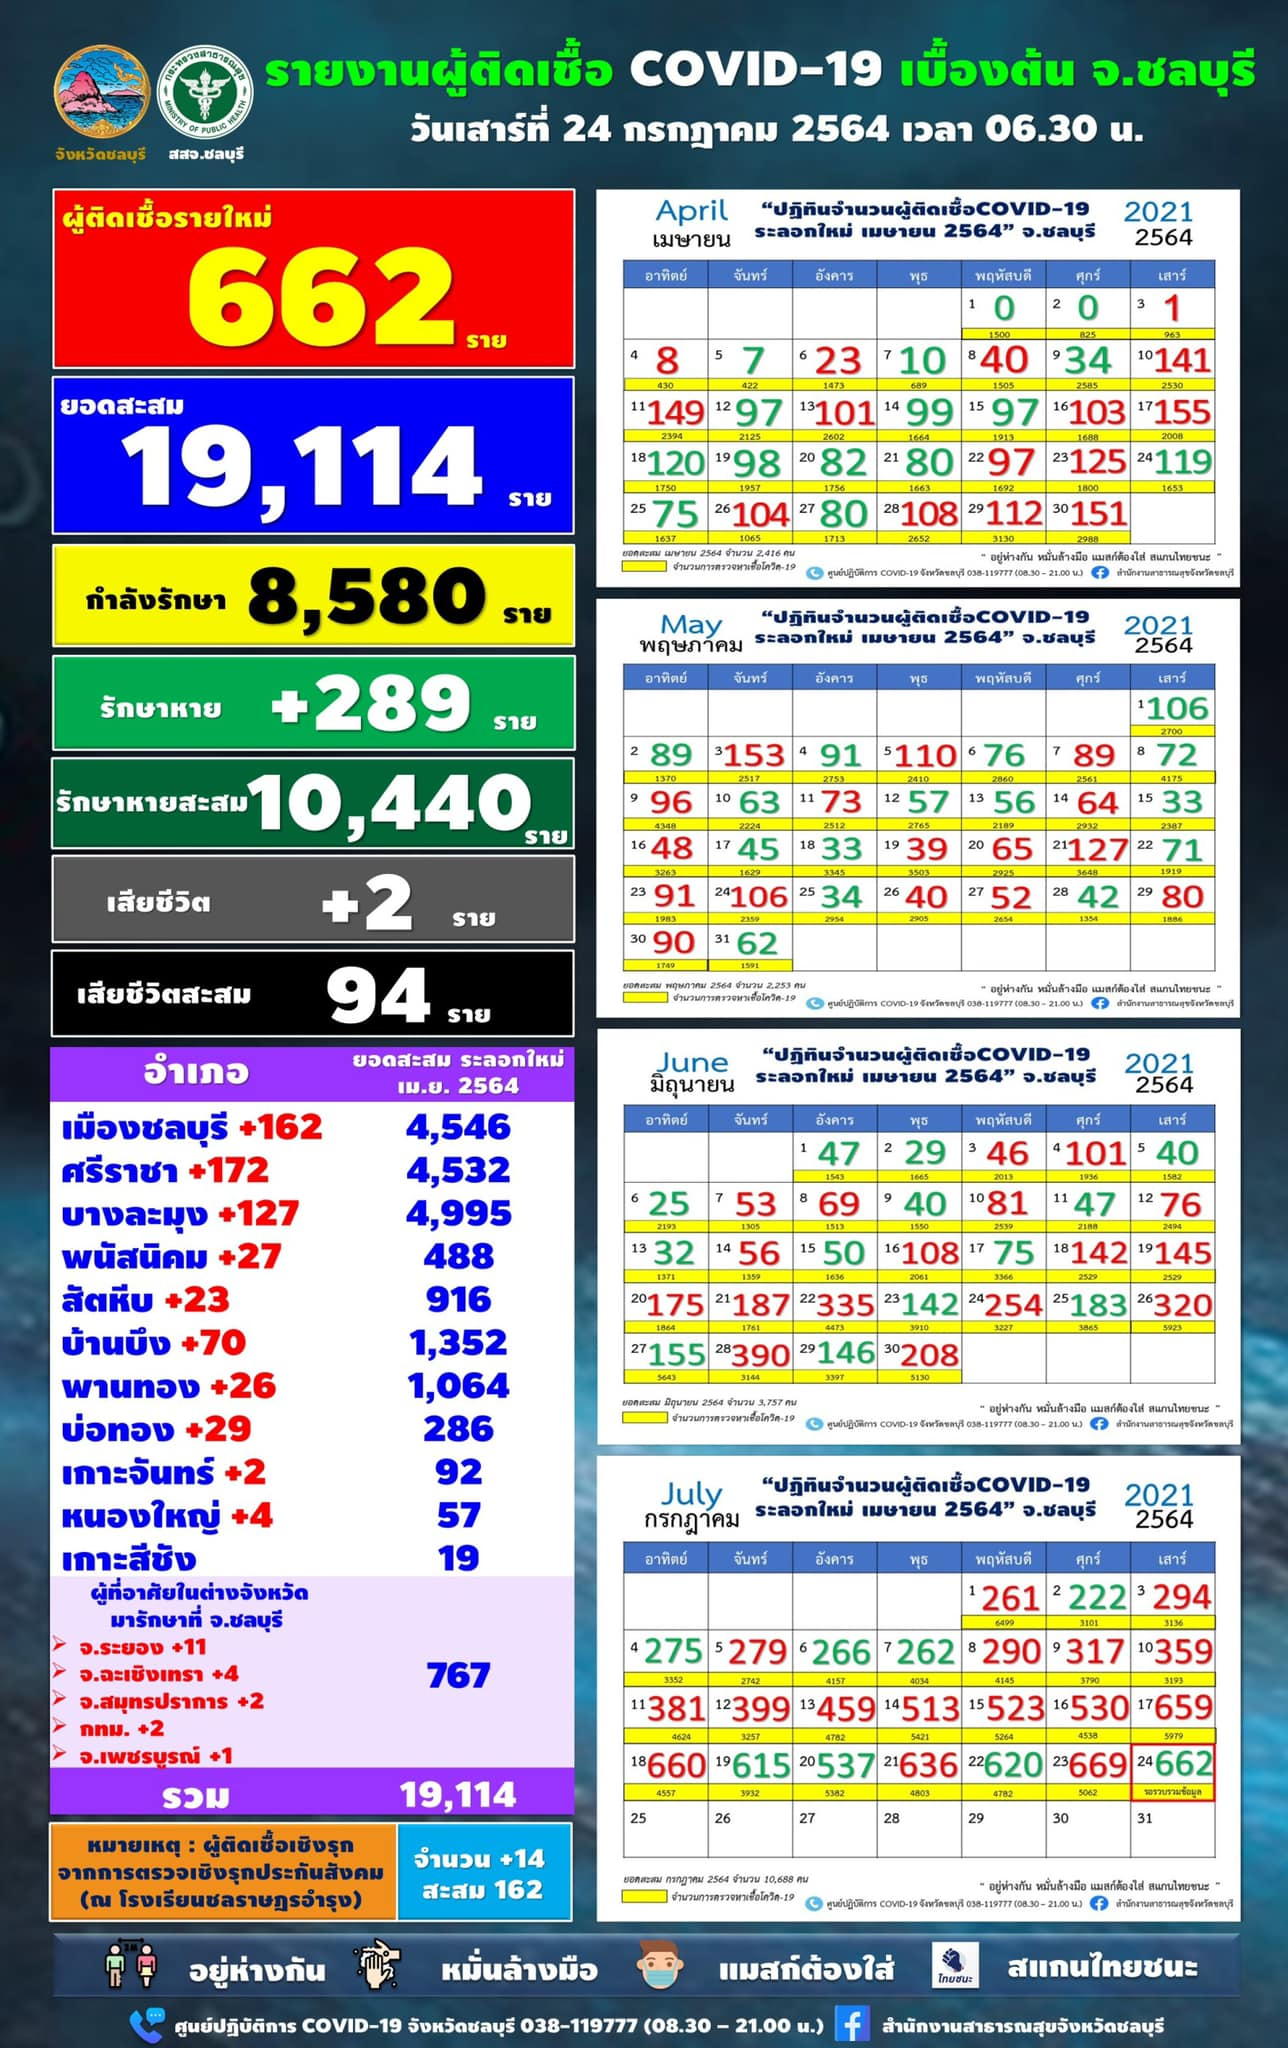 チョンブリ県 662人陽性/シラチャ172人/ムアン162人/パタヤ127人[2021年7月24日]